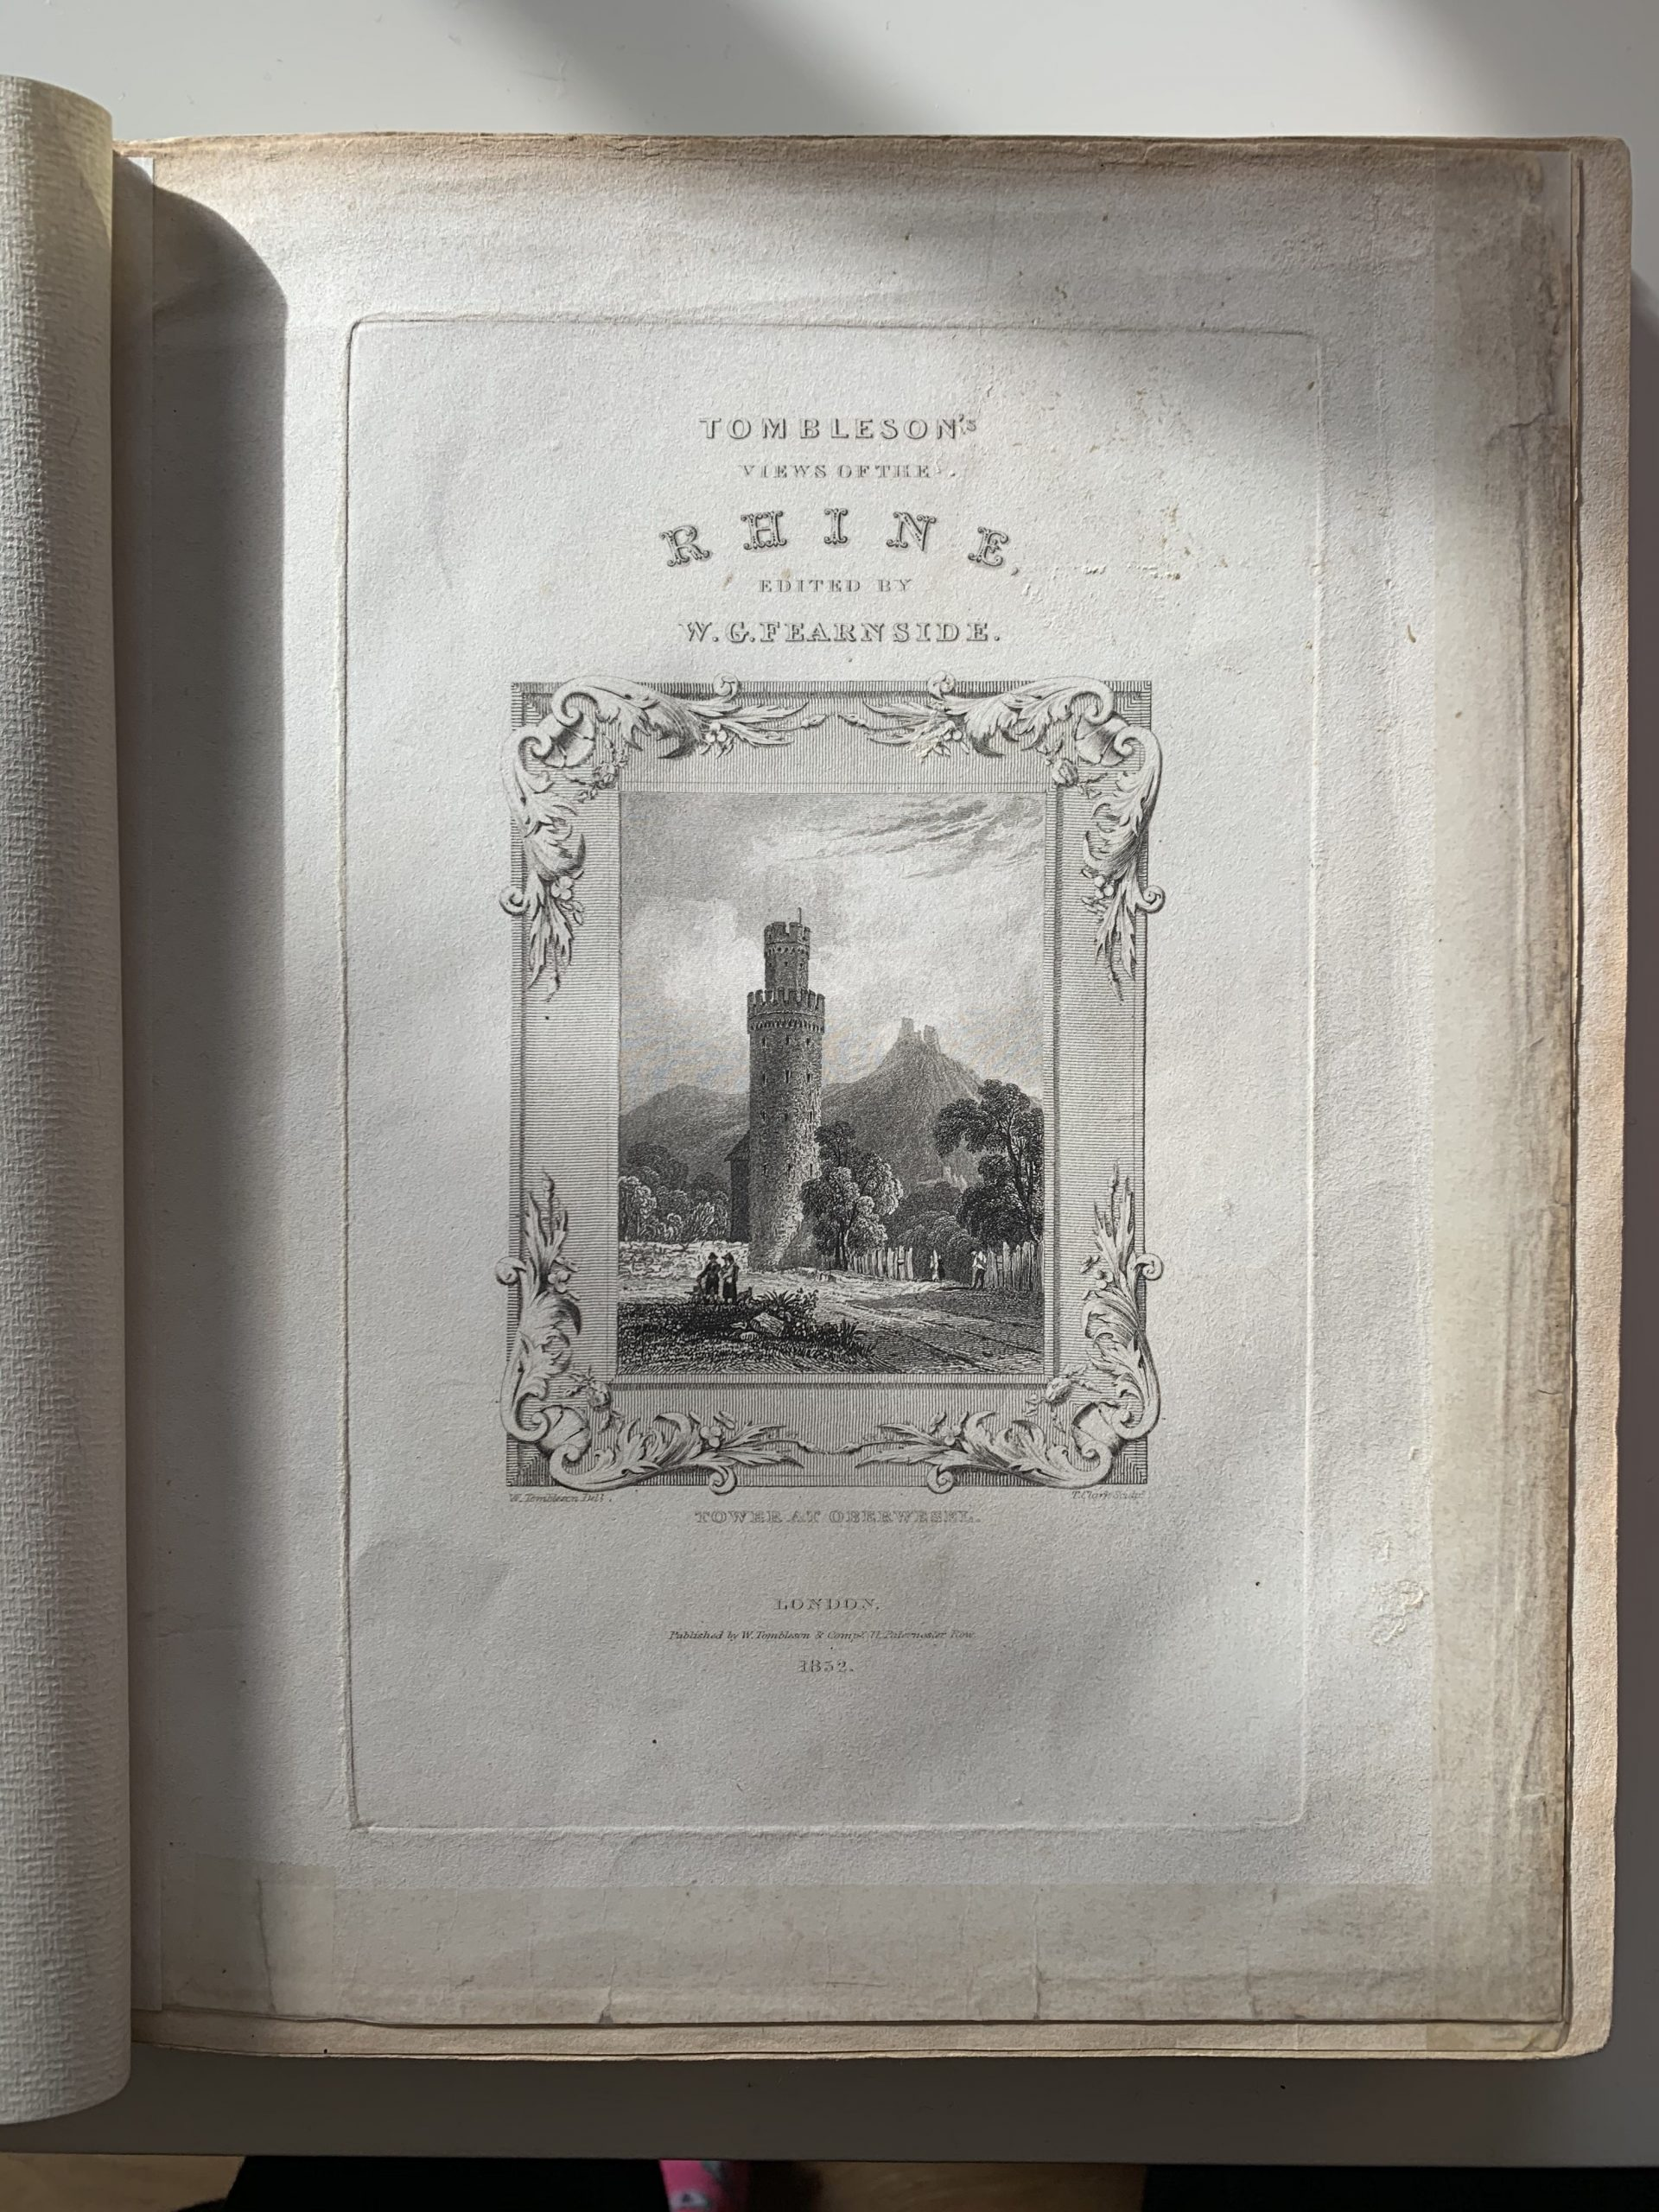 FEARNSIDE, W. G. (ed.)